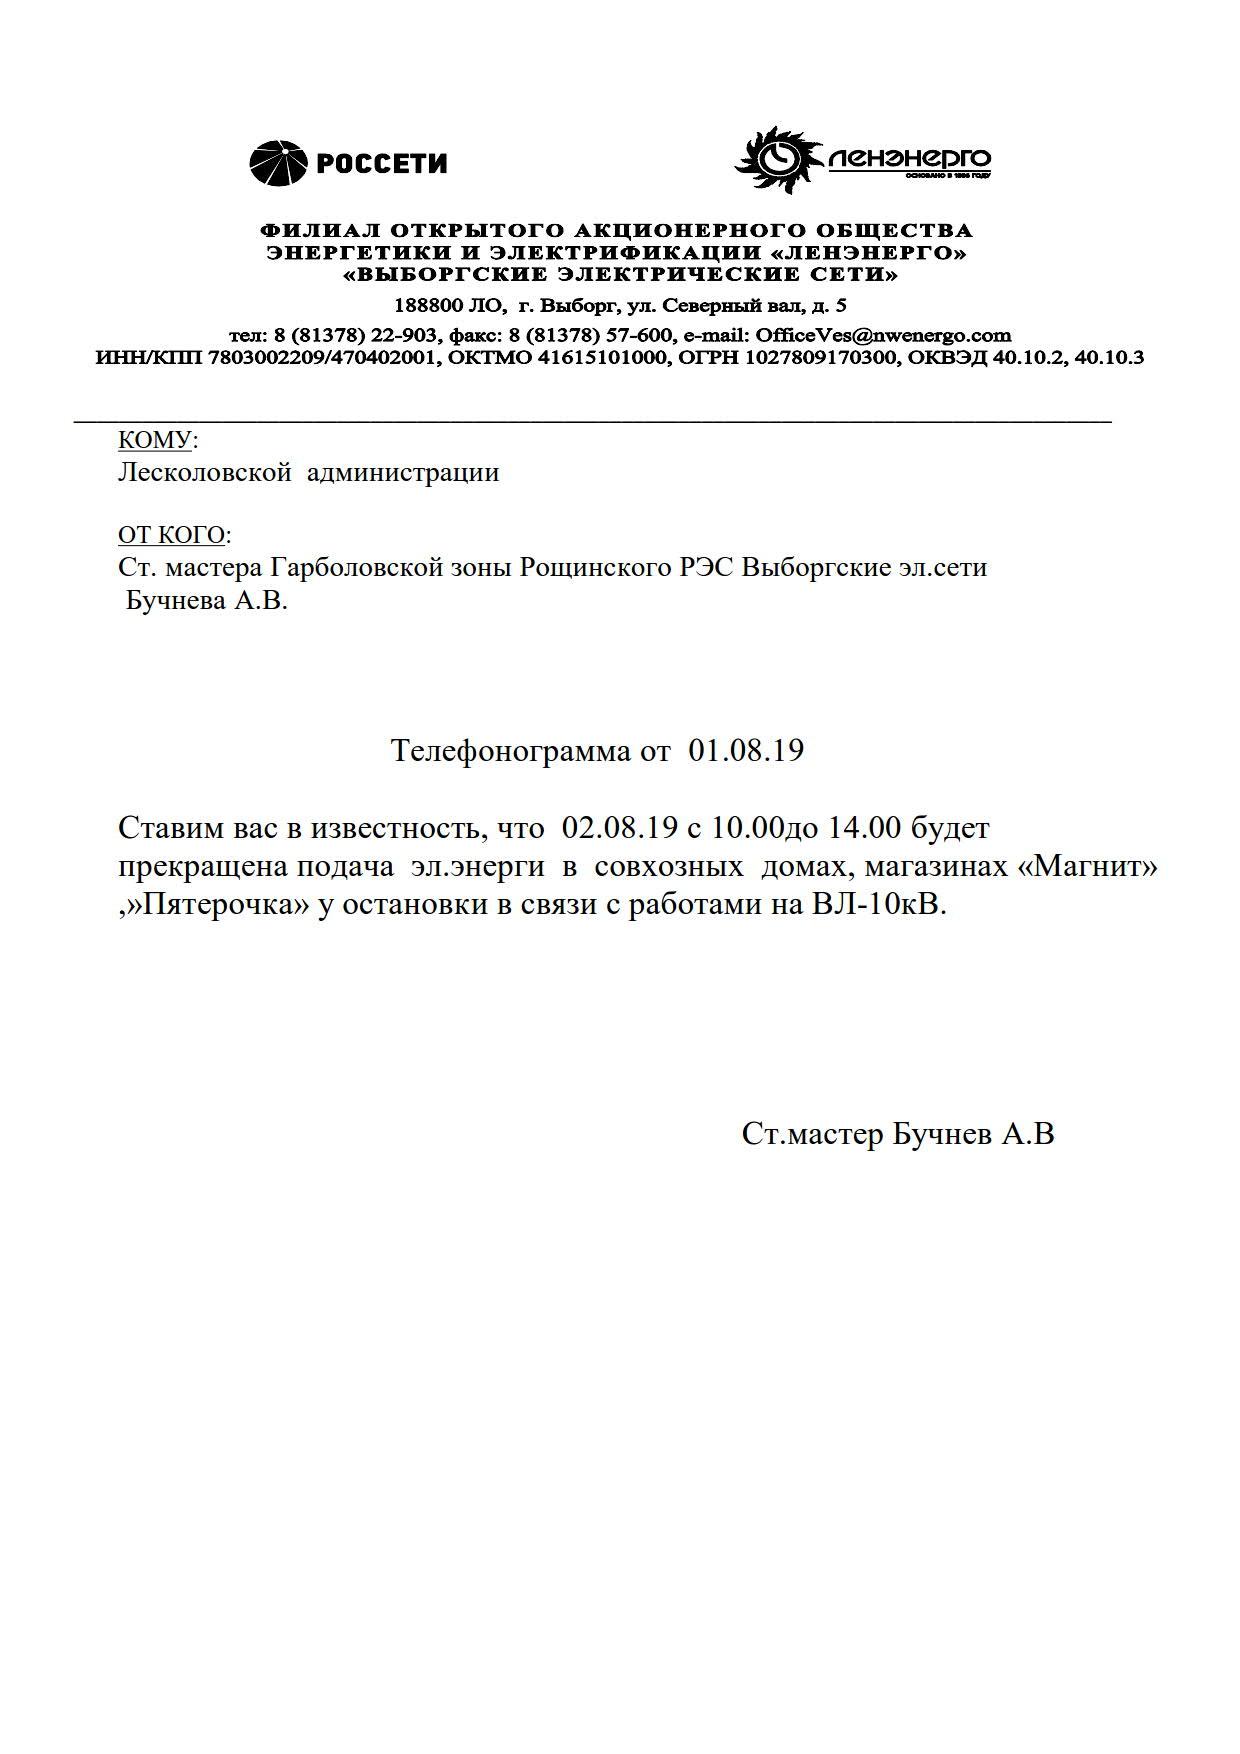 лесколовской администрации_1